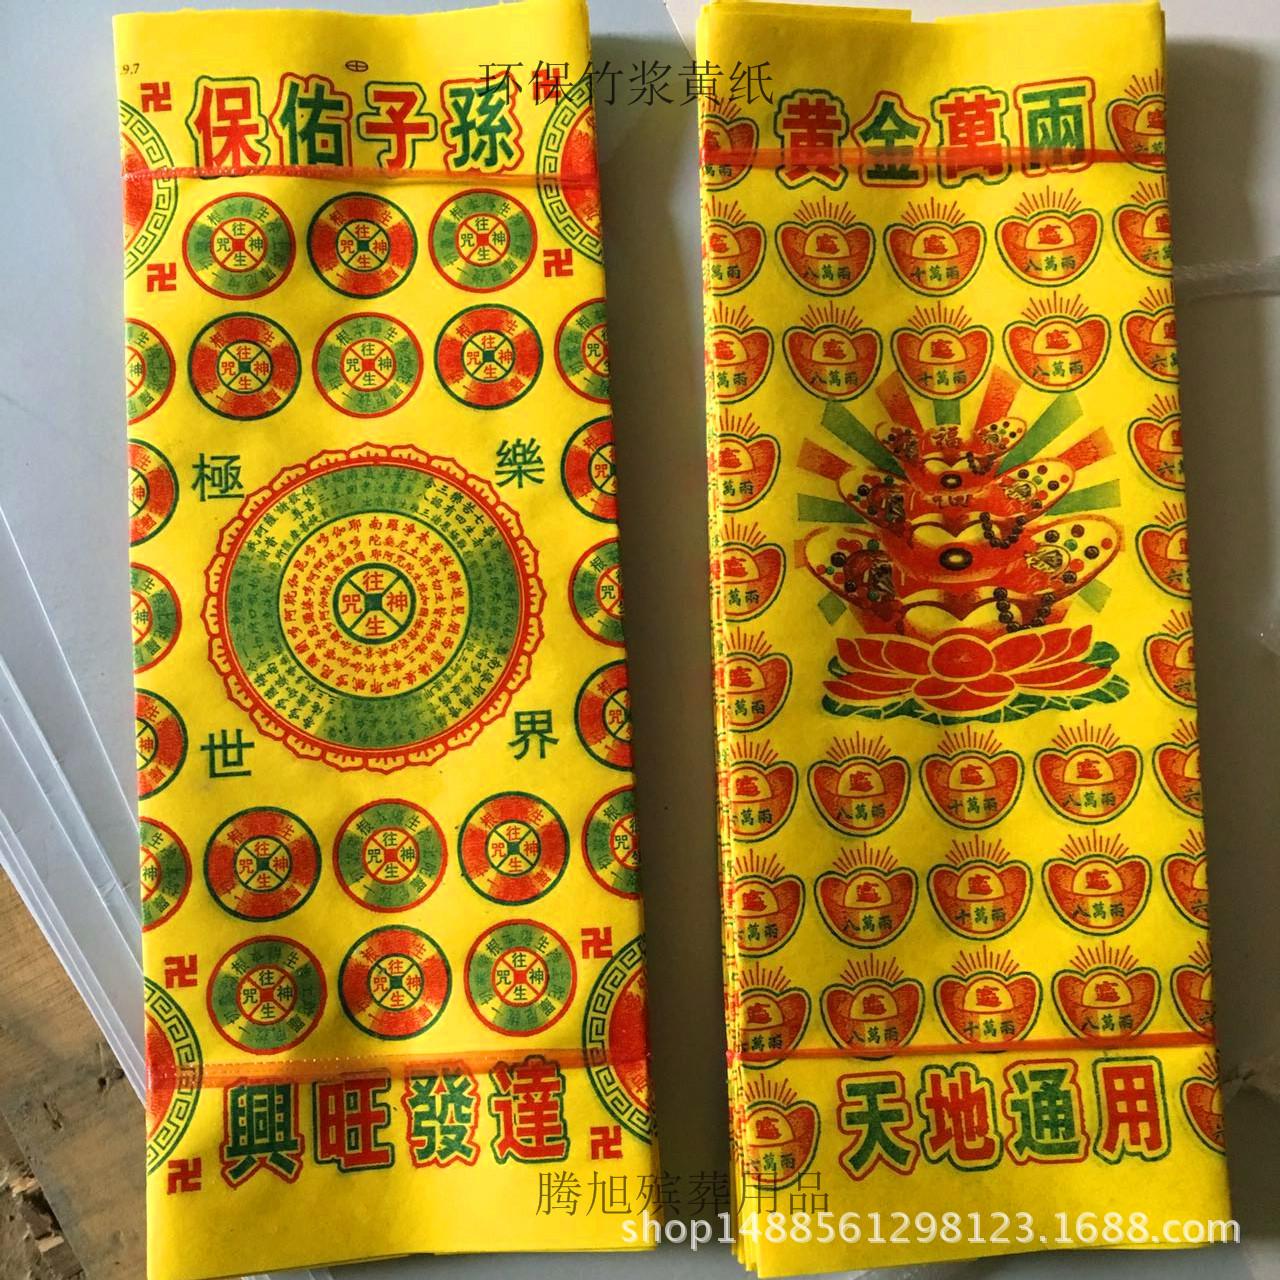 厂家批发环保竹浆殡葬黄纸 佛教用纸 打表文用品 祭祀黄纸